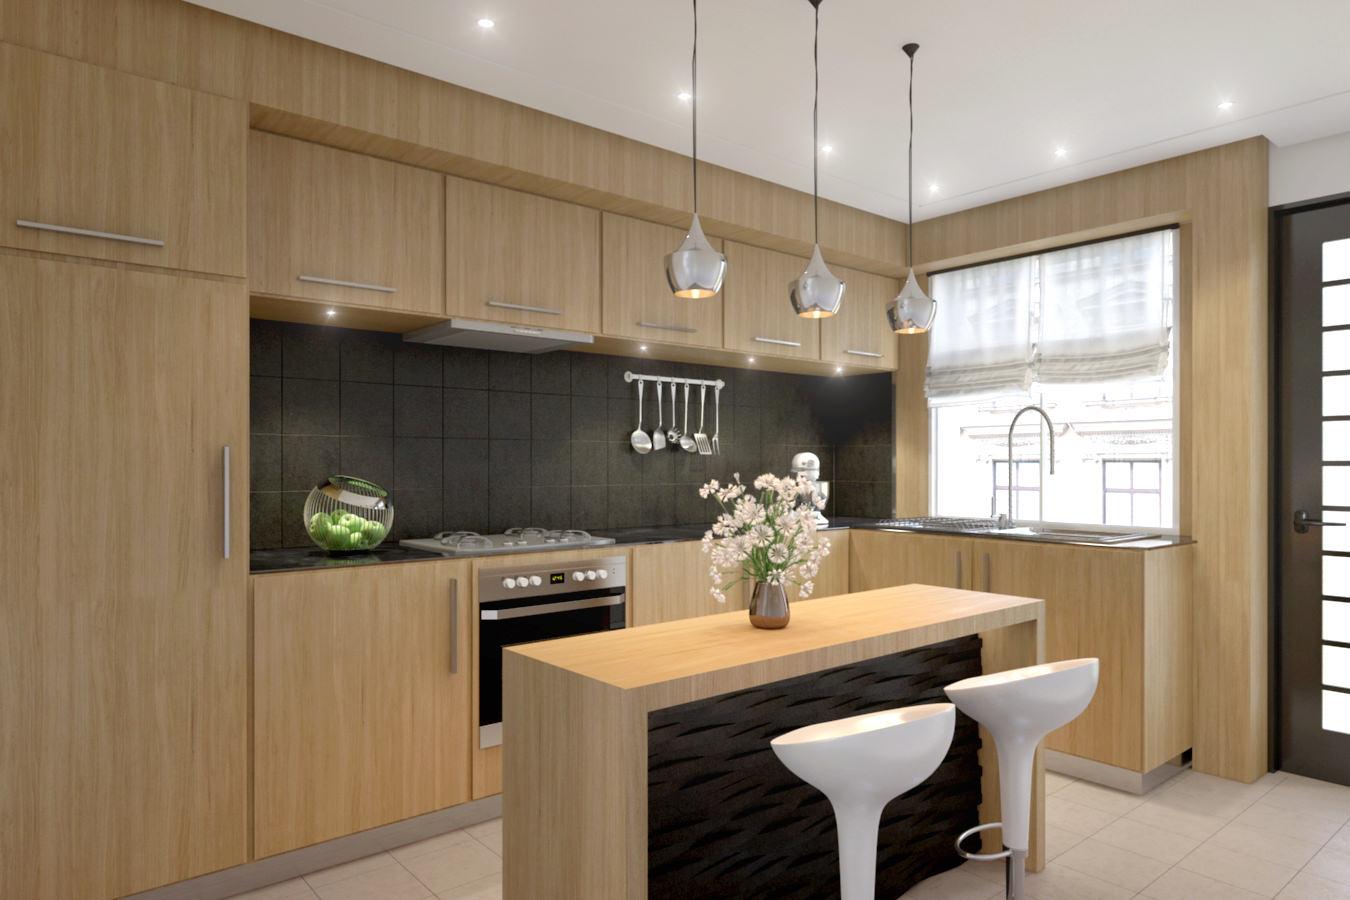 visualisation 3d de cuisine convaincre pour vendre plus de cuisines. Black Bedroom Furniture Sets. Home Design Ideas